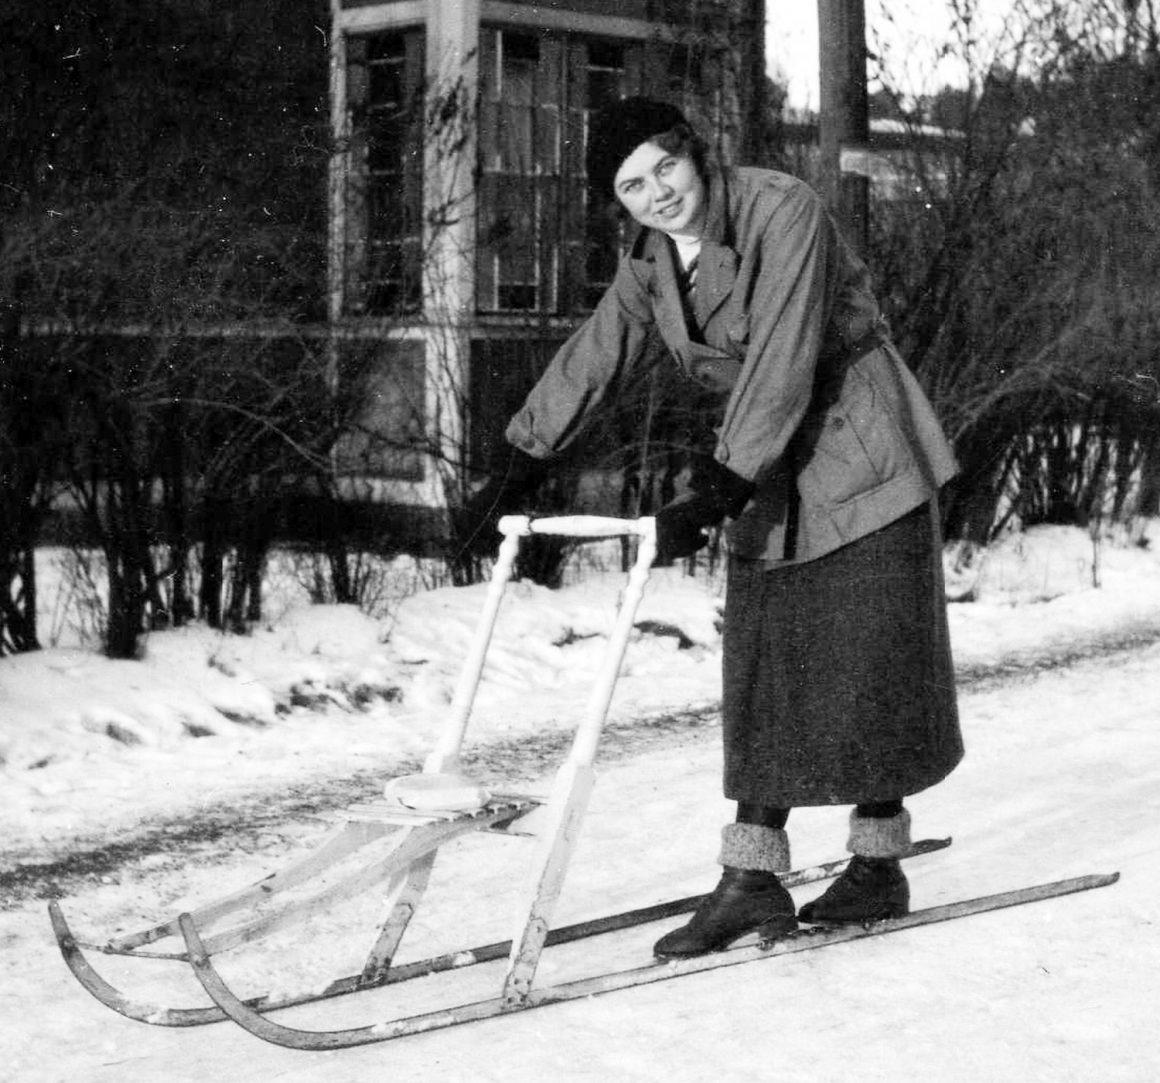 Schwedischer_Tretschlitten_Spark_1930